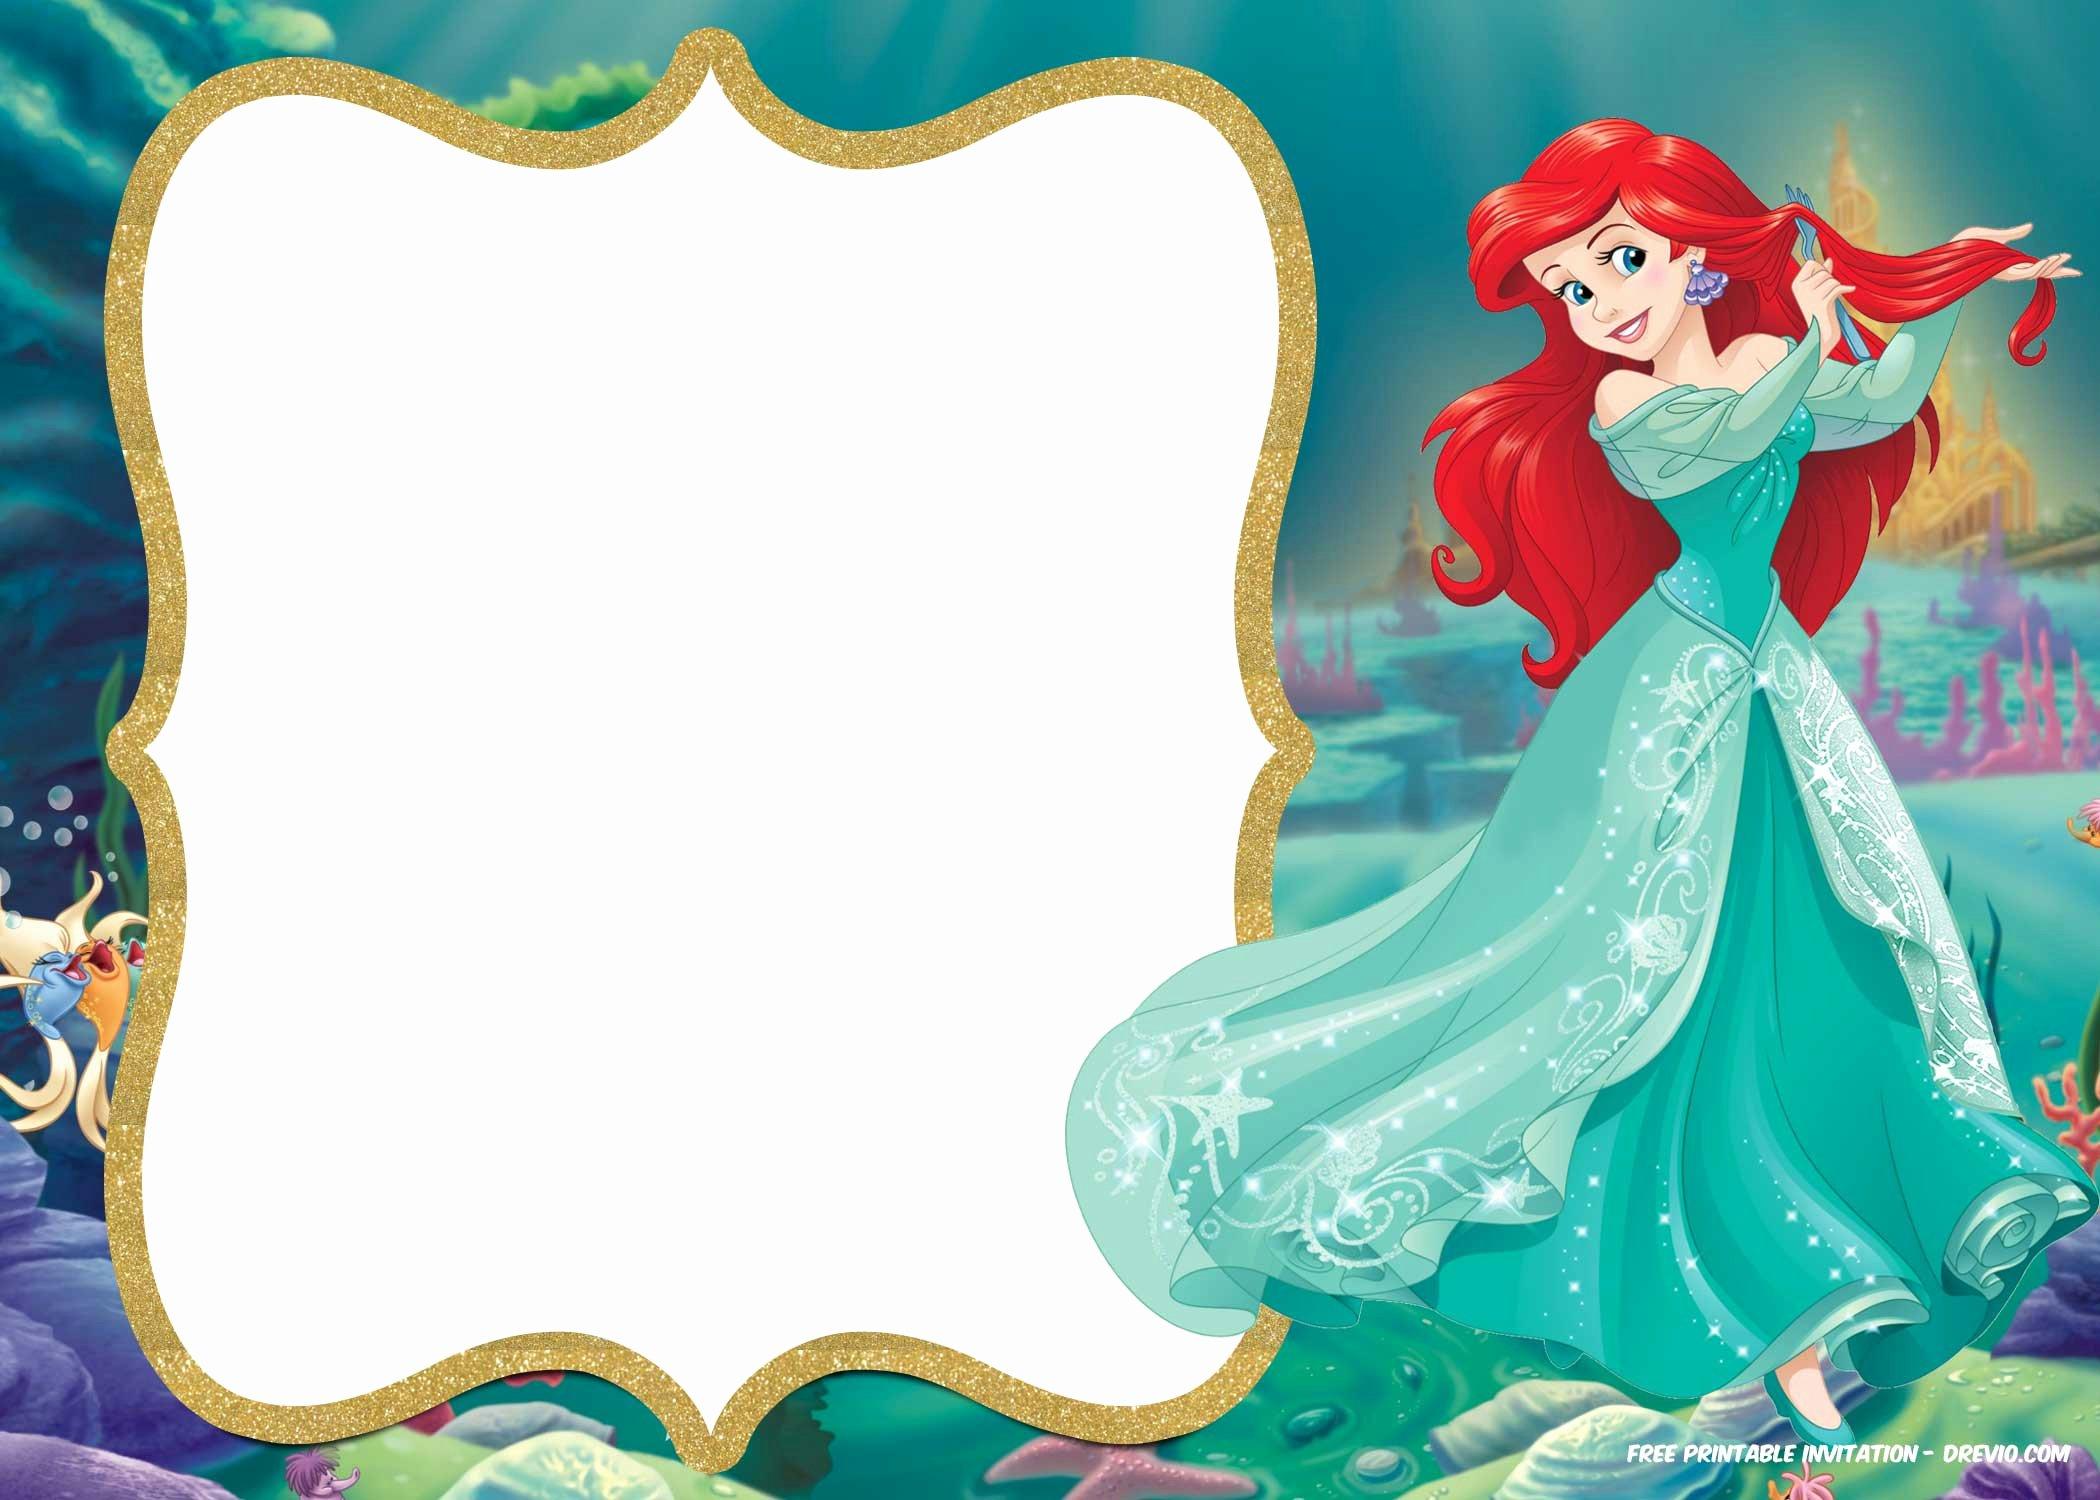 Mermaid Invitation Template Free New Free Printable Ariel Little Mermaid Invitation Template